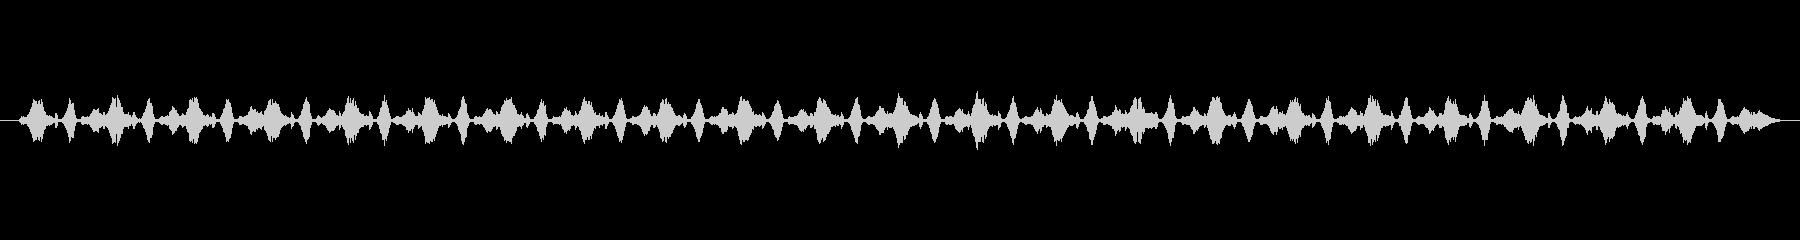 ノイズ クレイジーベイビーバード03の未再生の波形